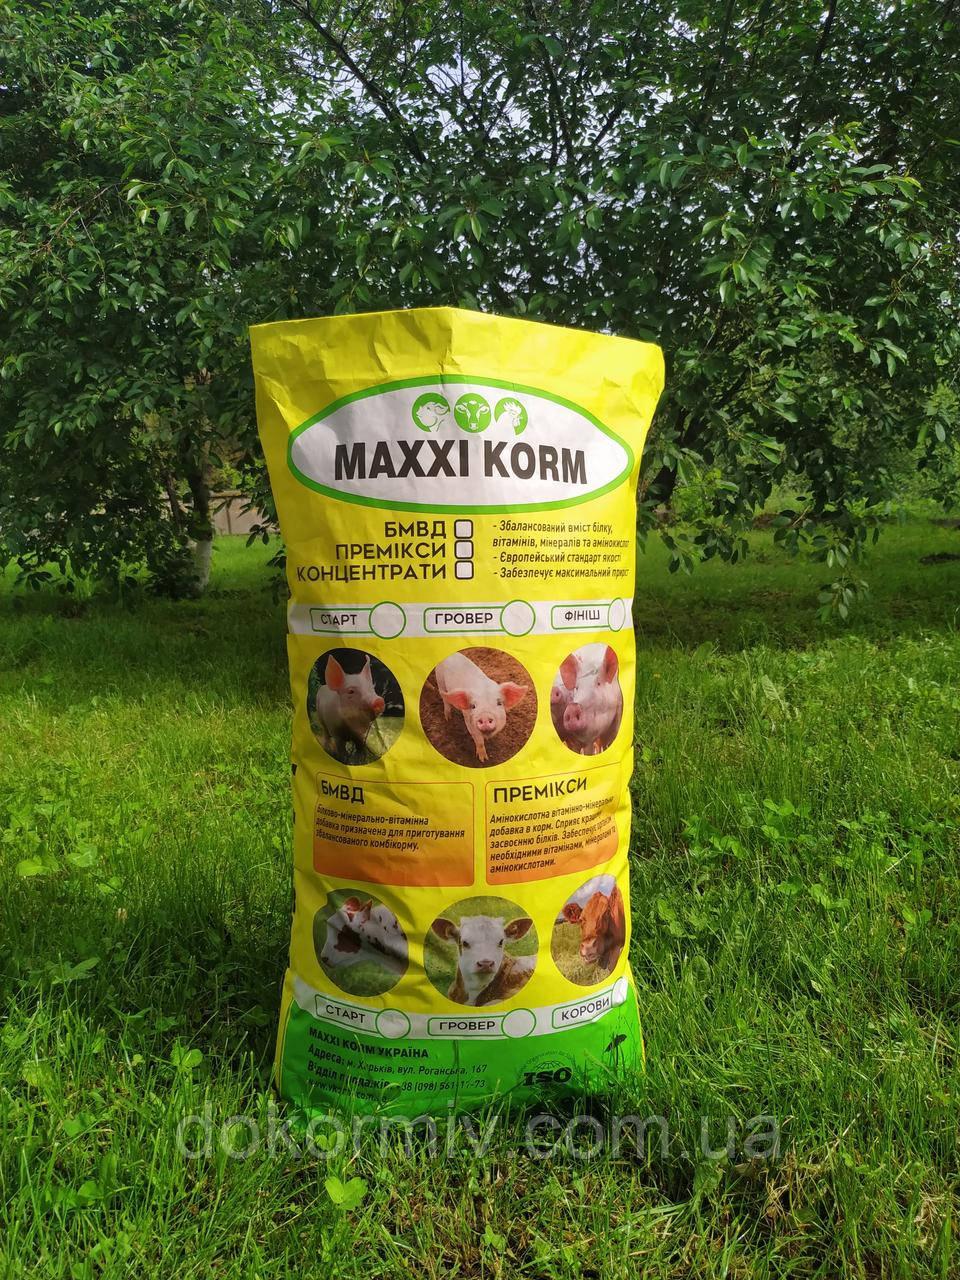 БМВД MAXXI KORM для свиней Фініш 15% (білково мінеральна добавка в корм для зростання)